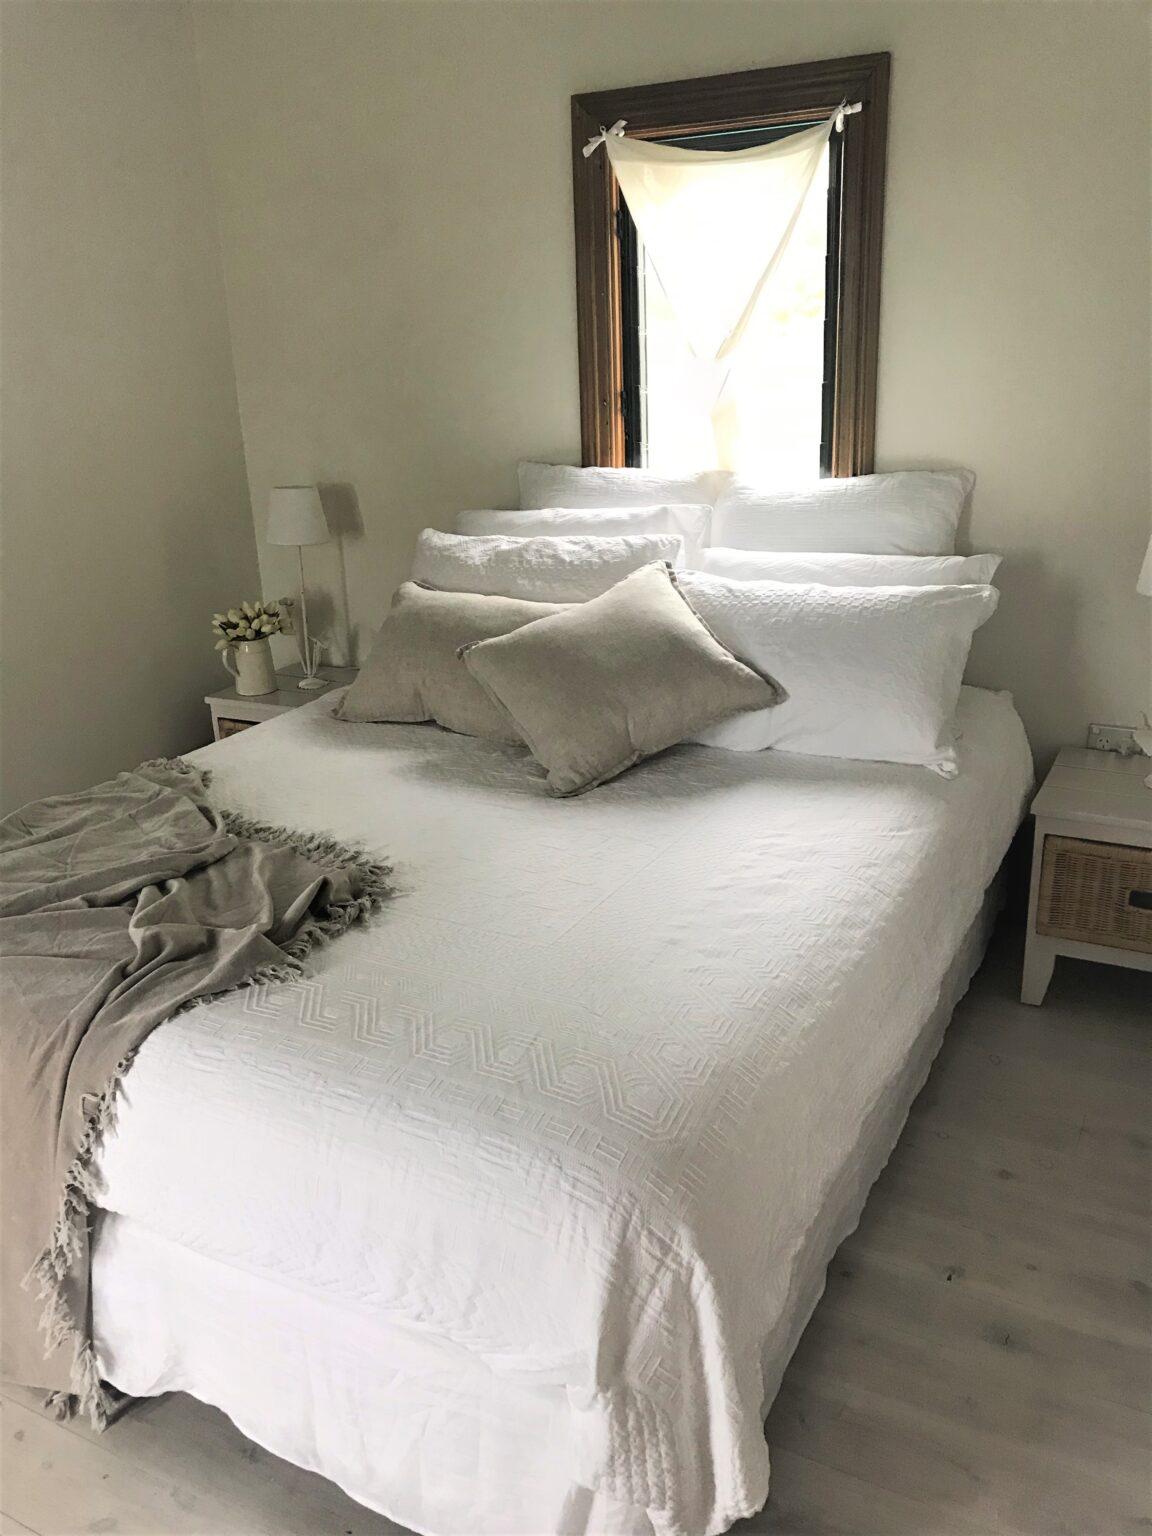 Accommodation - Accommodation